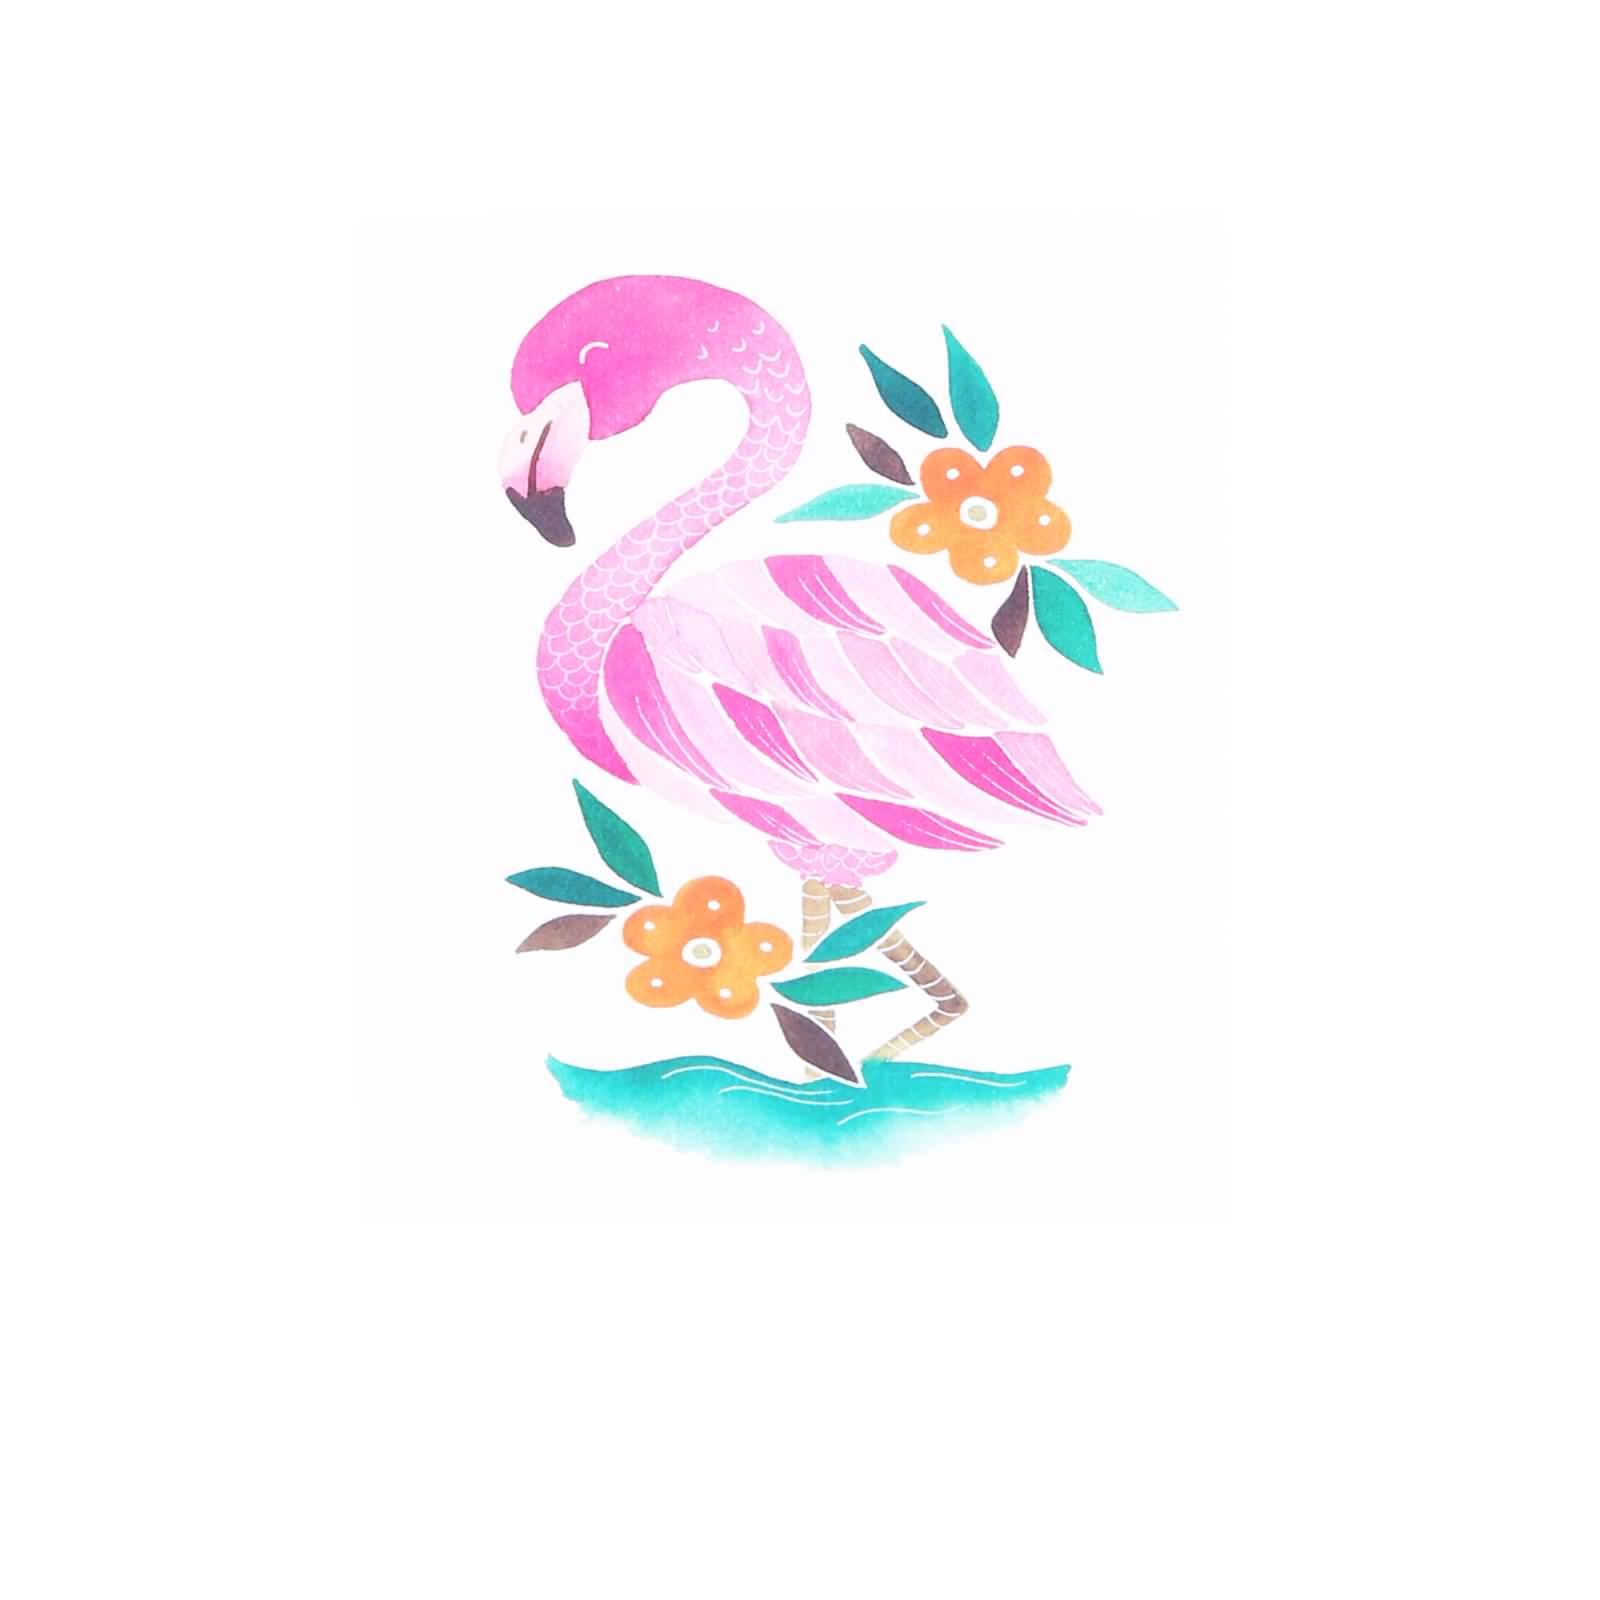 50 Amazing Flamingo Tattoo Designs